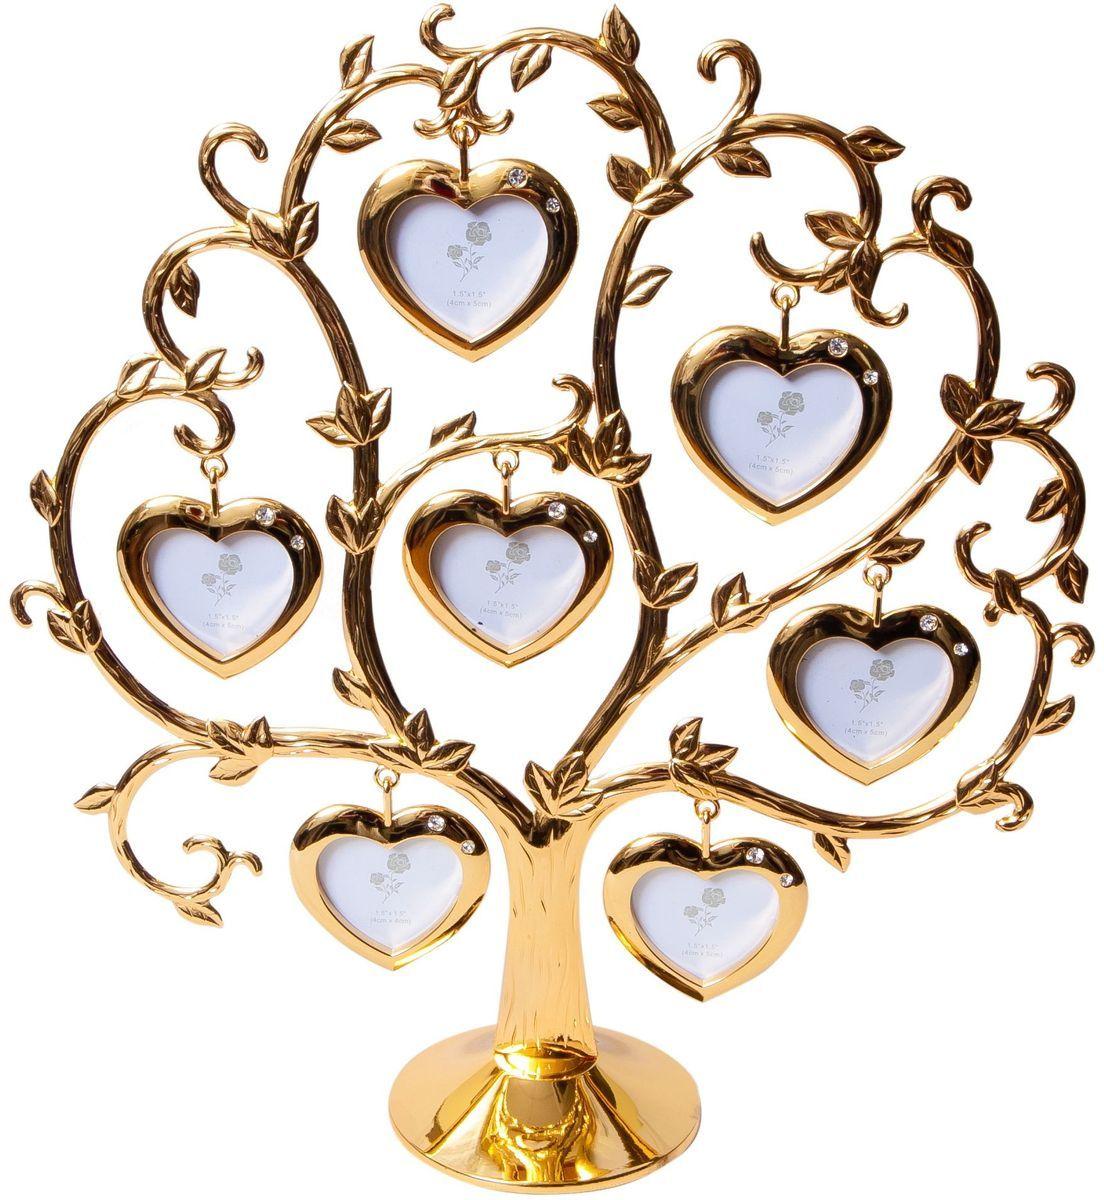 """Декоративная фоторамка Platinum """"Дерево. Сердца"""" выполнена из металла. На подставку в виде деревца подвешиваются семь рамочек в форме сердец, украшенных стразами. Изысканная и эффектная, эта потрясающая рамочка покорит своей красотой и изумительным качеством исполнения. Фоторамка Platinum """"Дерево. Сердца"""" не только украсит интерьер помещения, но и поможет разместить фото всей вашей семьи.  Высота фоторамки: 26 см.  Фоторамка подходит для фотографий 4 х 4 см. Общий размер фоторамки: 25 х 5 х 26 см."""